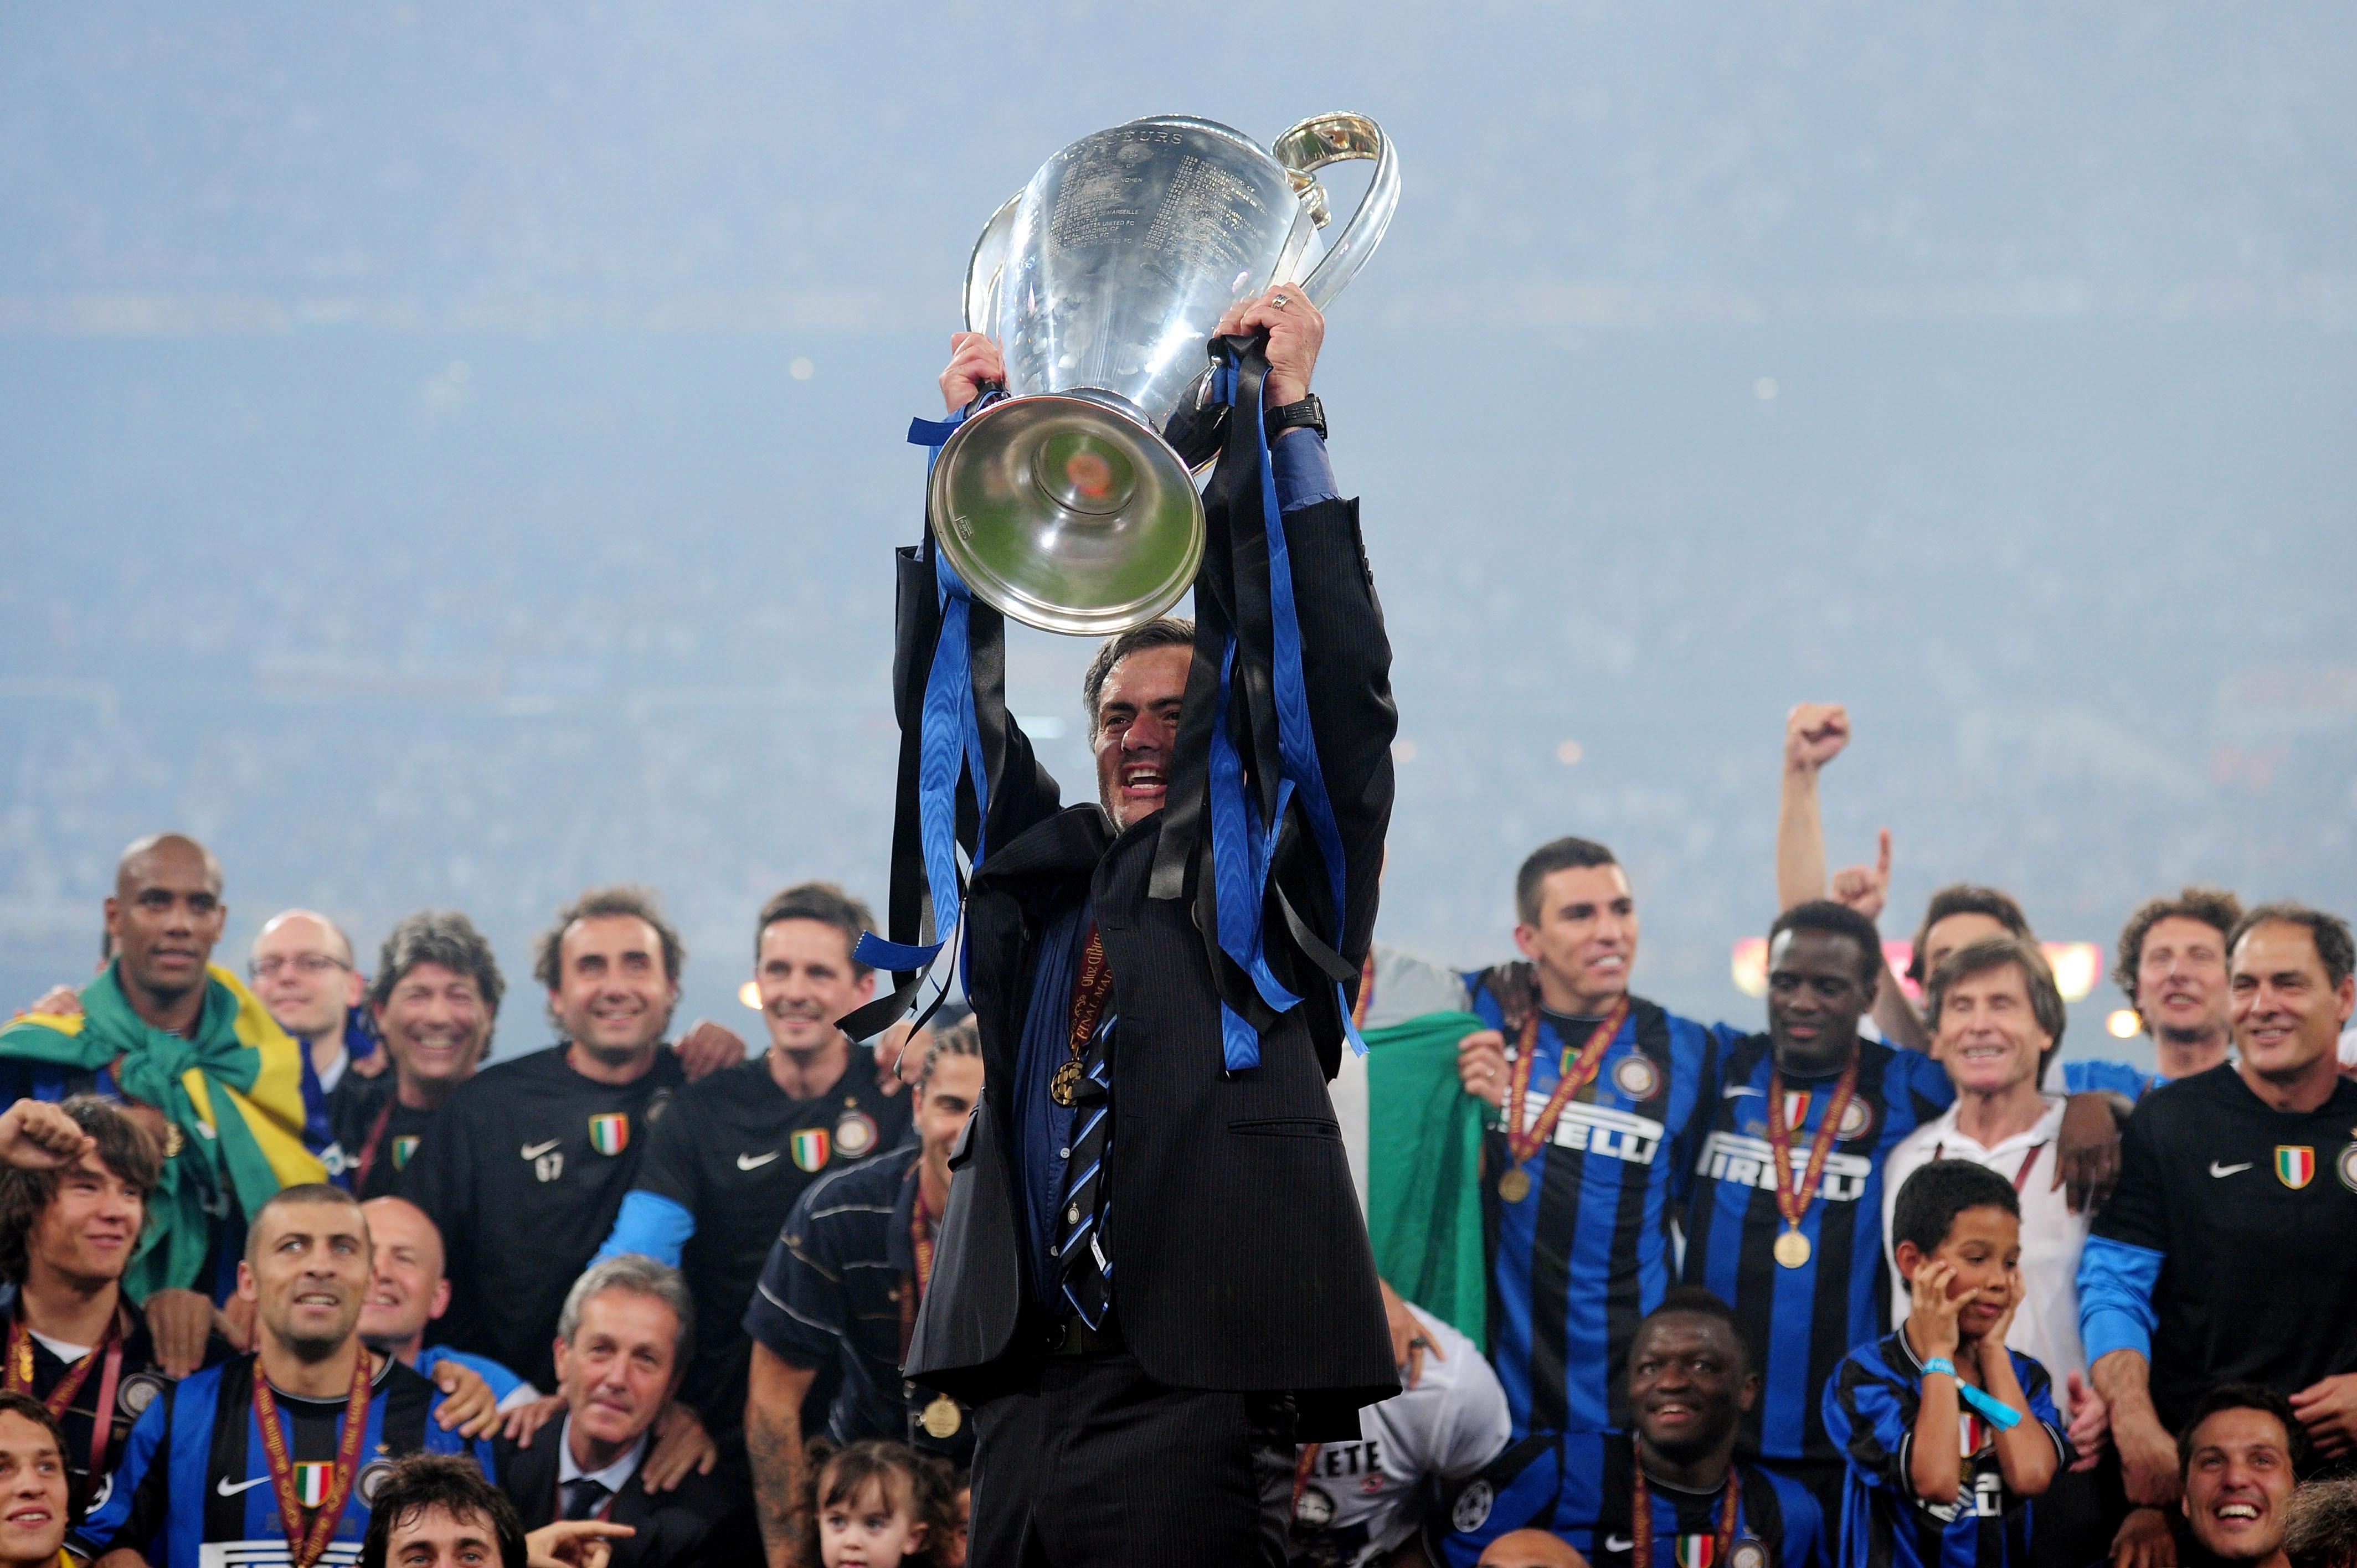 11 лет назад ЦСКА сыграл в 1/4 финала Лиги чемпионов. Перед игрой в Милане Моуринью намекнул, что скоро покинет «Интер»